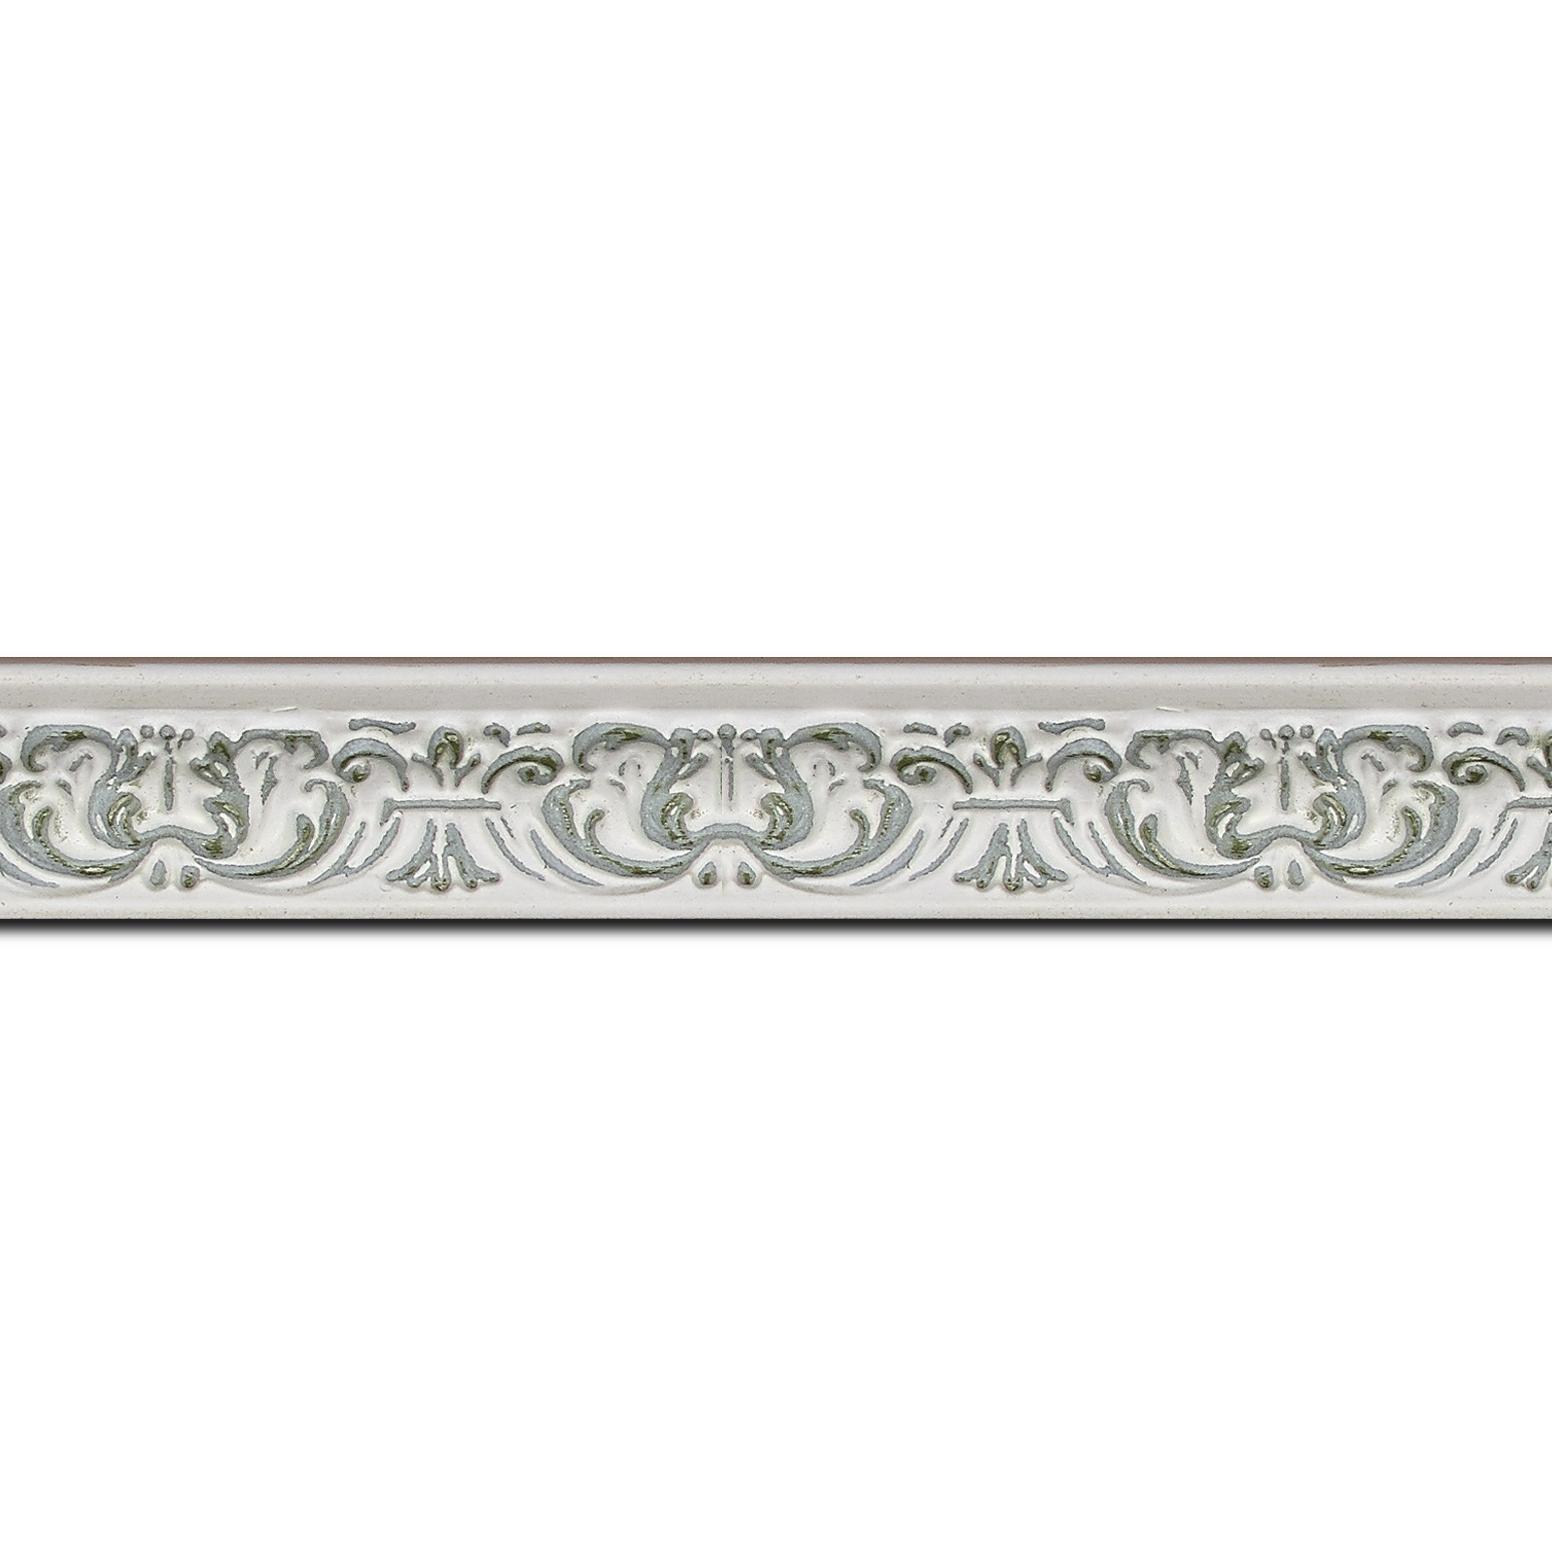 Pack par 12m, bois profil incurvé largeur 2.6cm couleur vert pale en relief sur fond blanchie (longueur baguette pouvant varier entre 2.40m et 3m selon arrivage des bois)